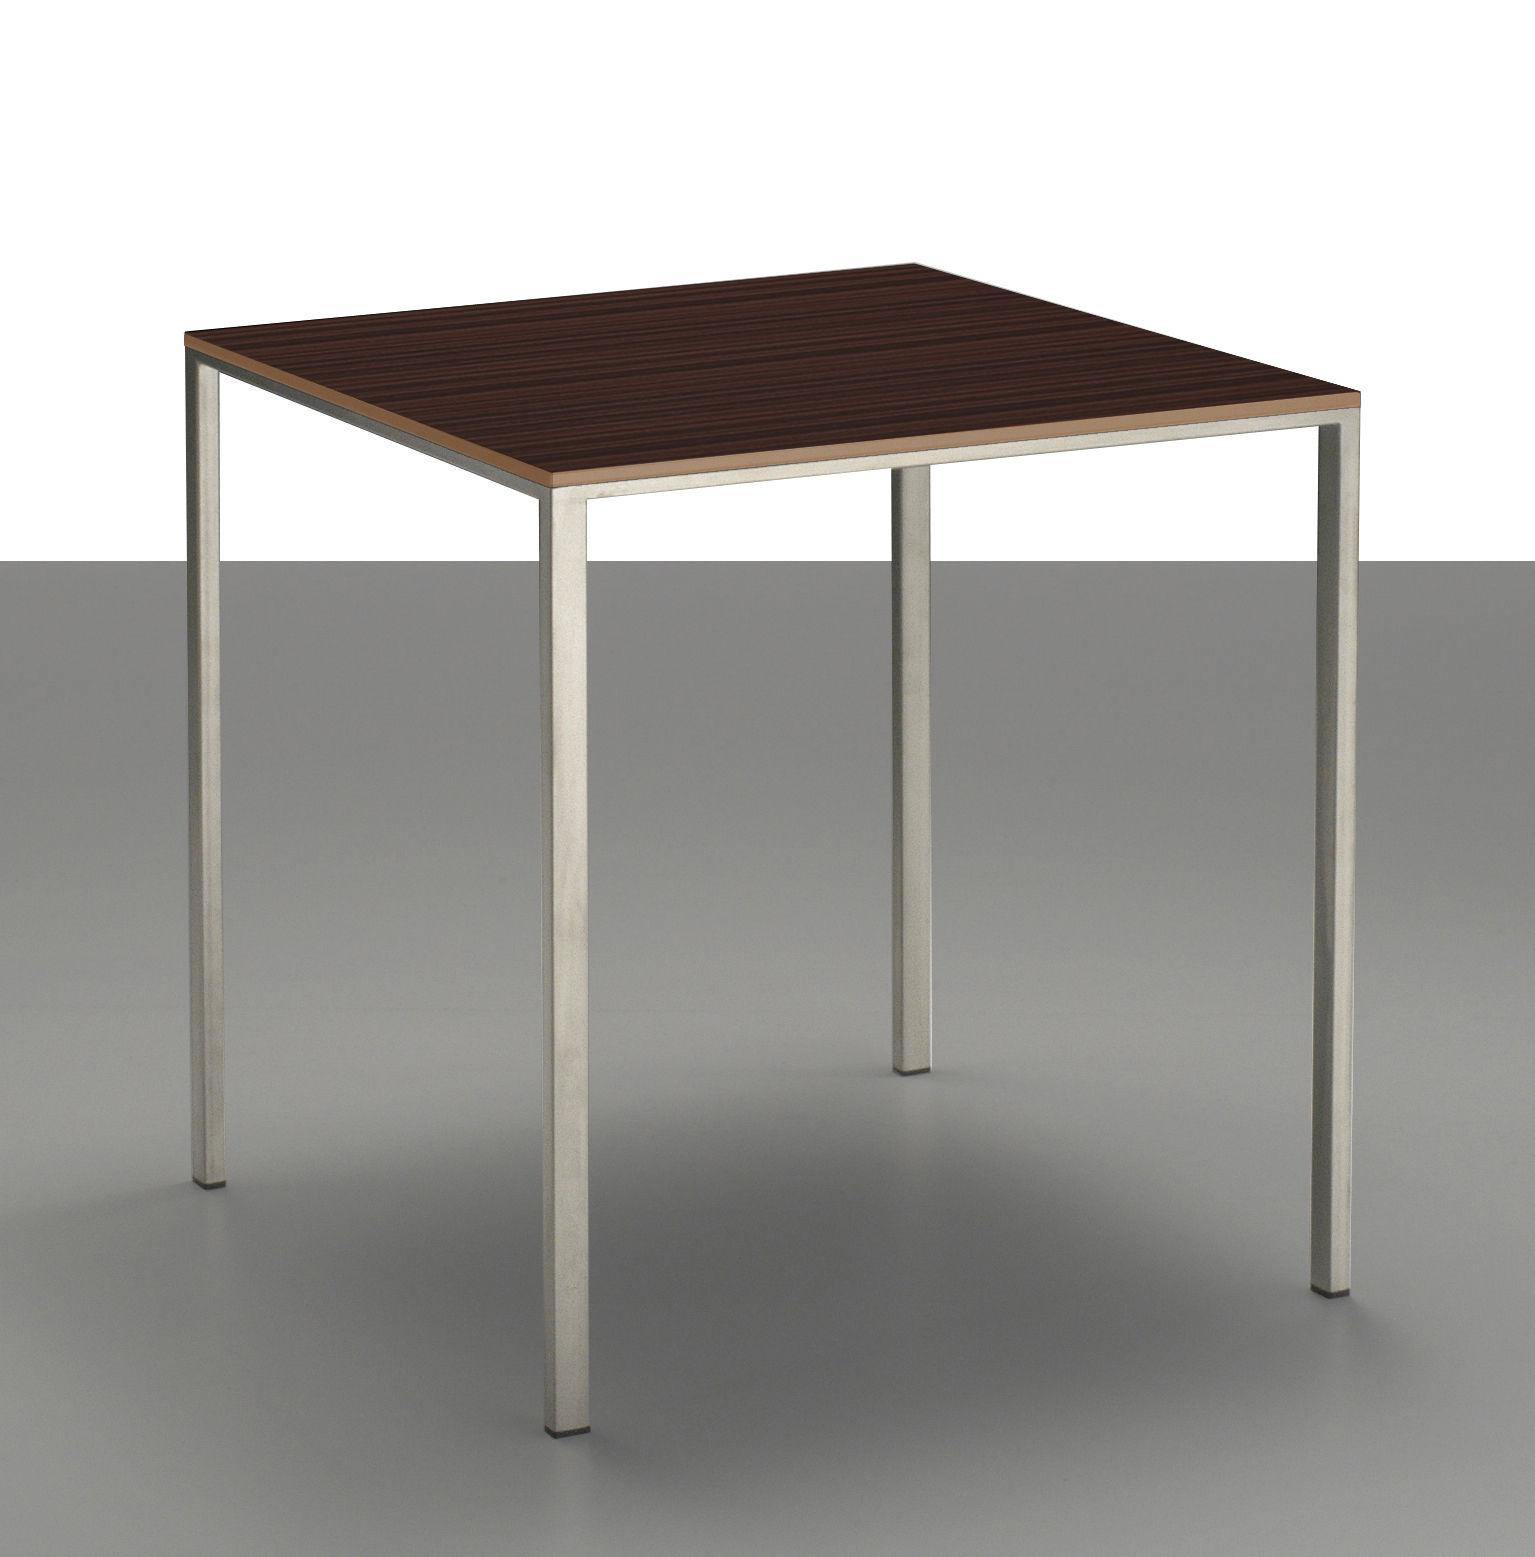 Mini tavolo inox tavolo piano weng 99 x 99 cm weng for Tavolo wenge